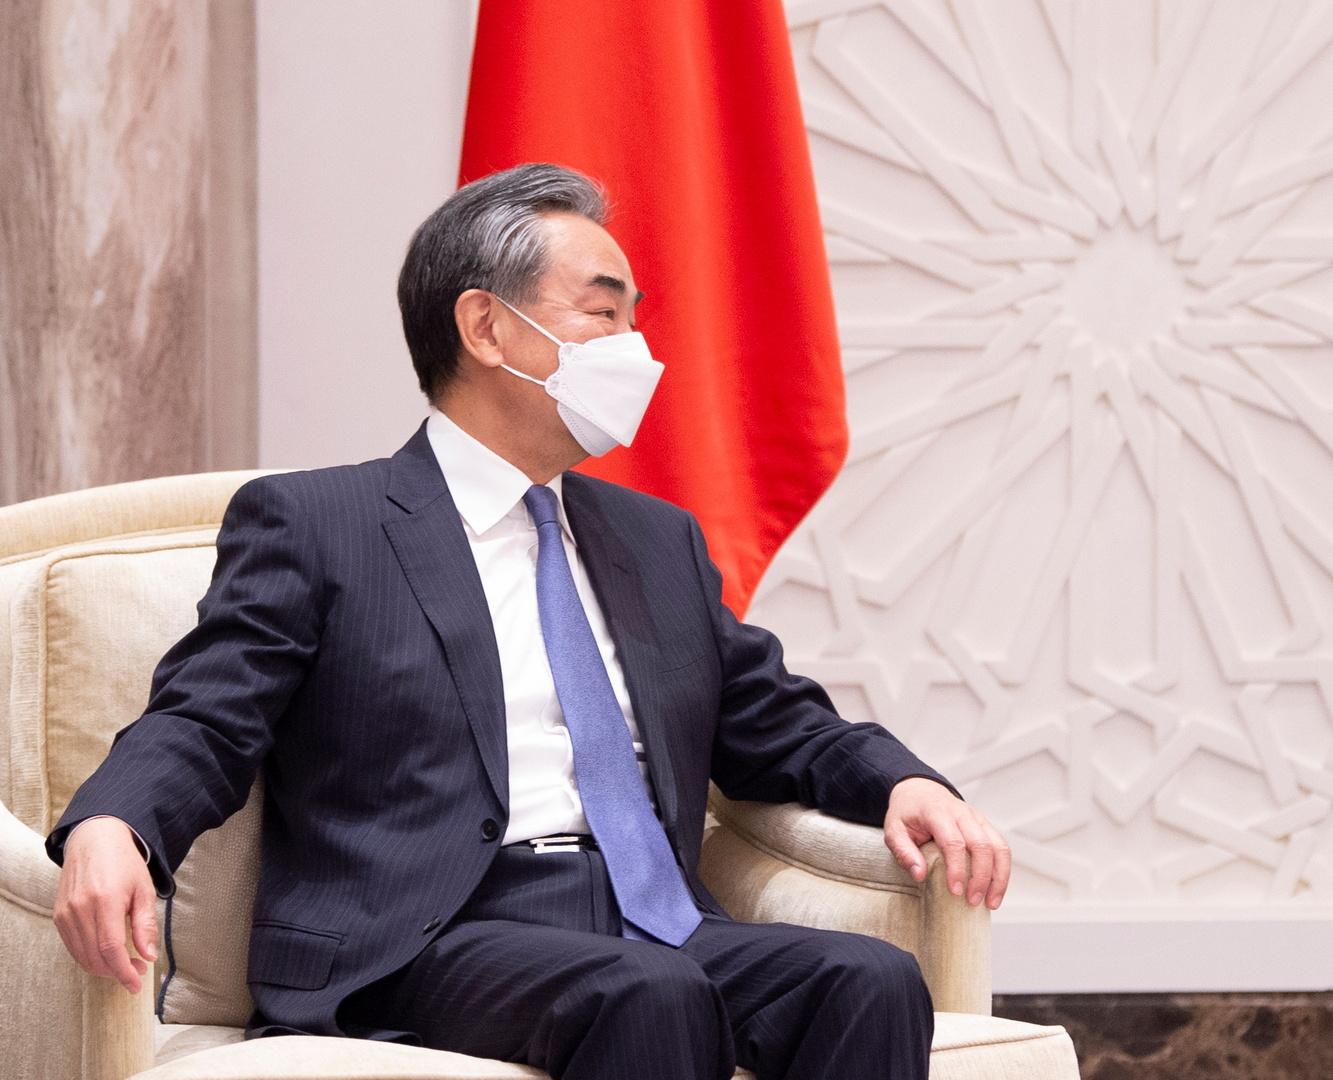 الصين: الأمم المتحدة قادرة على ضمان السلام في أفغانستان بعد الانسحاب الأمريكي منها